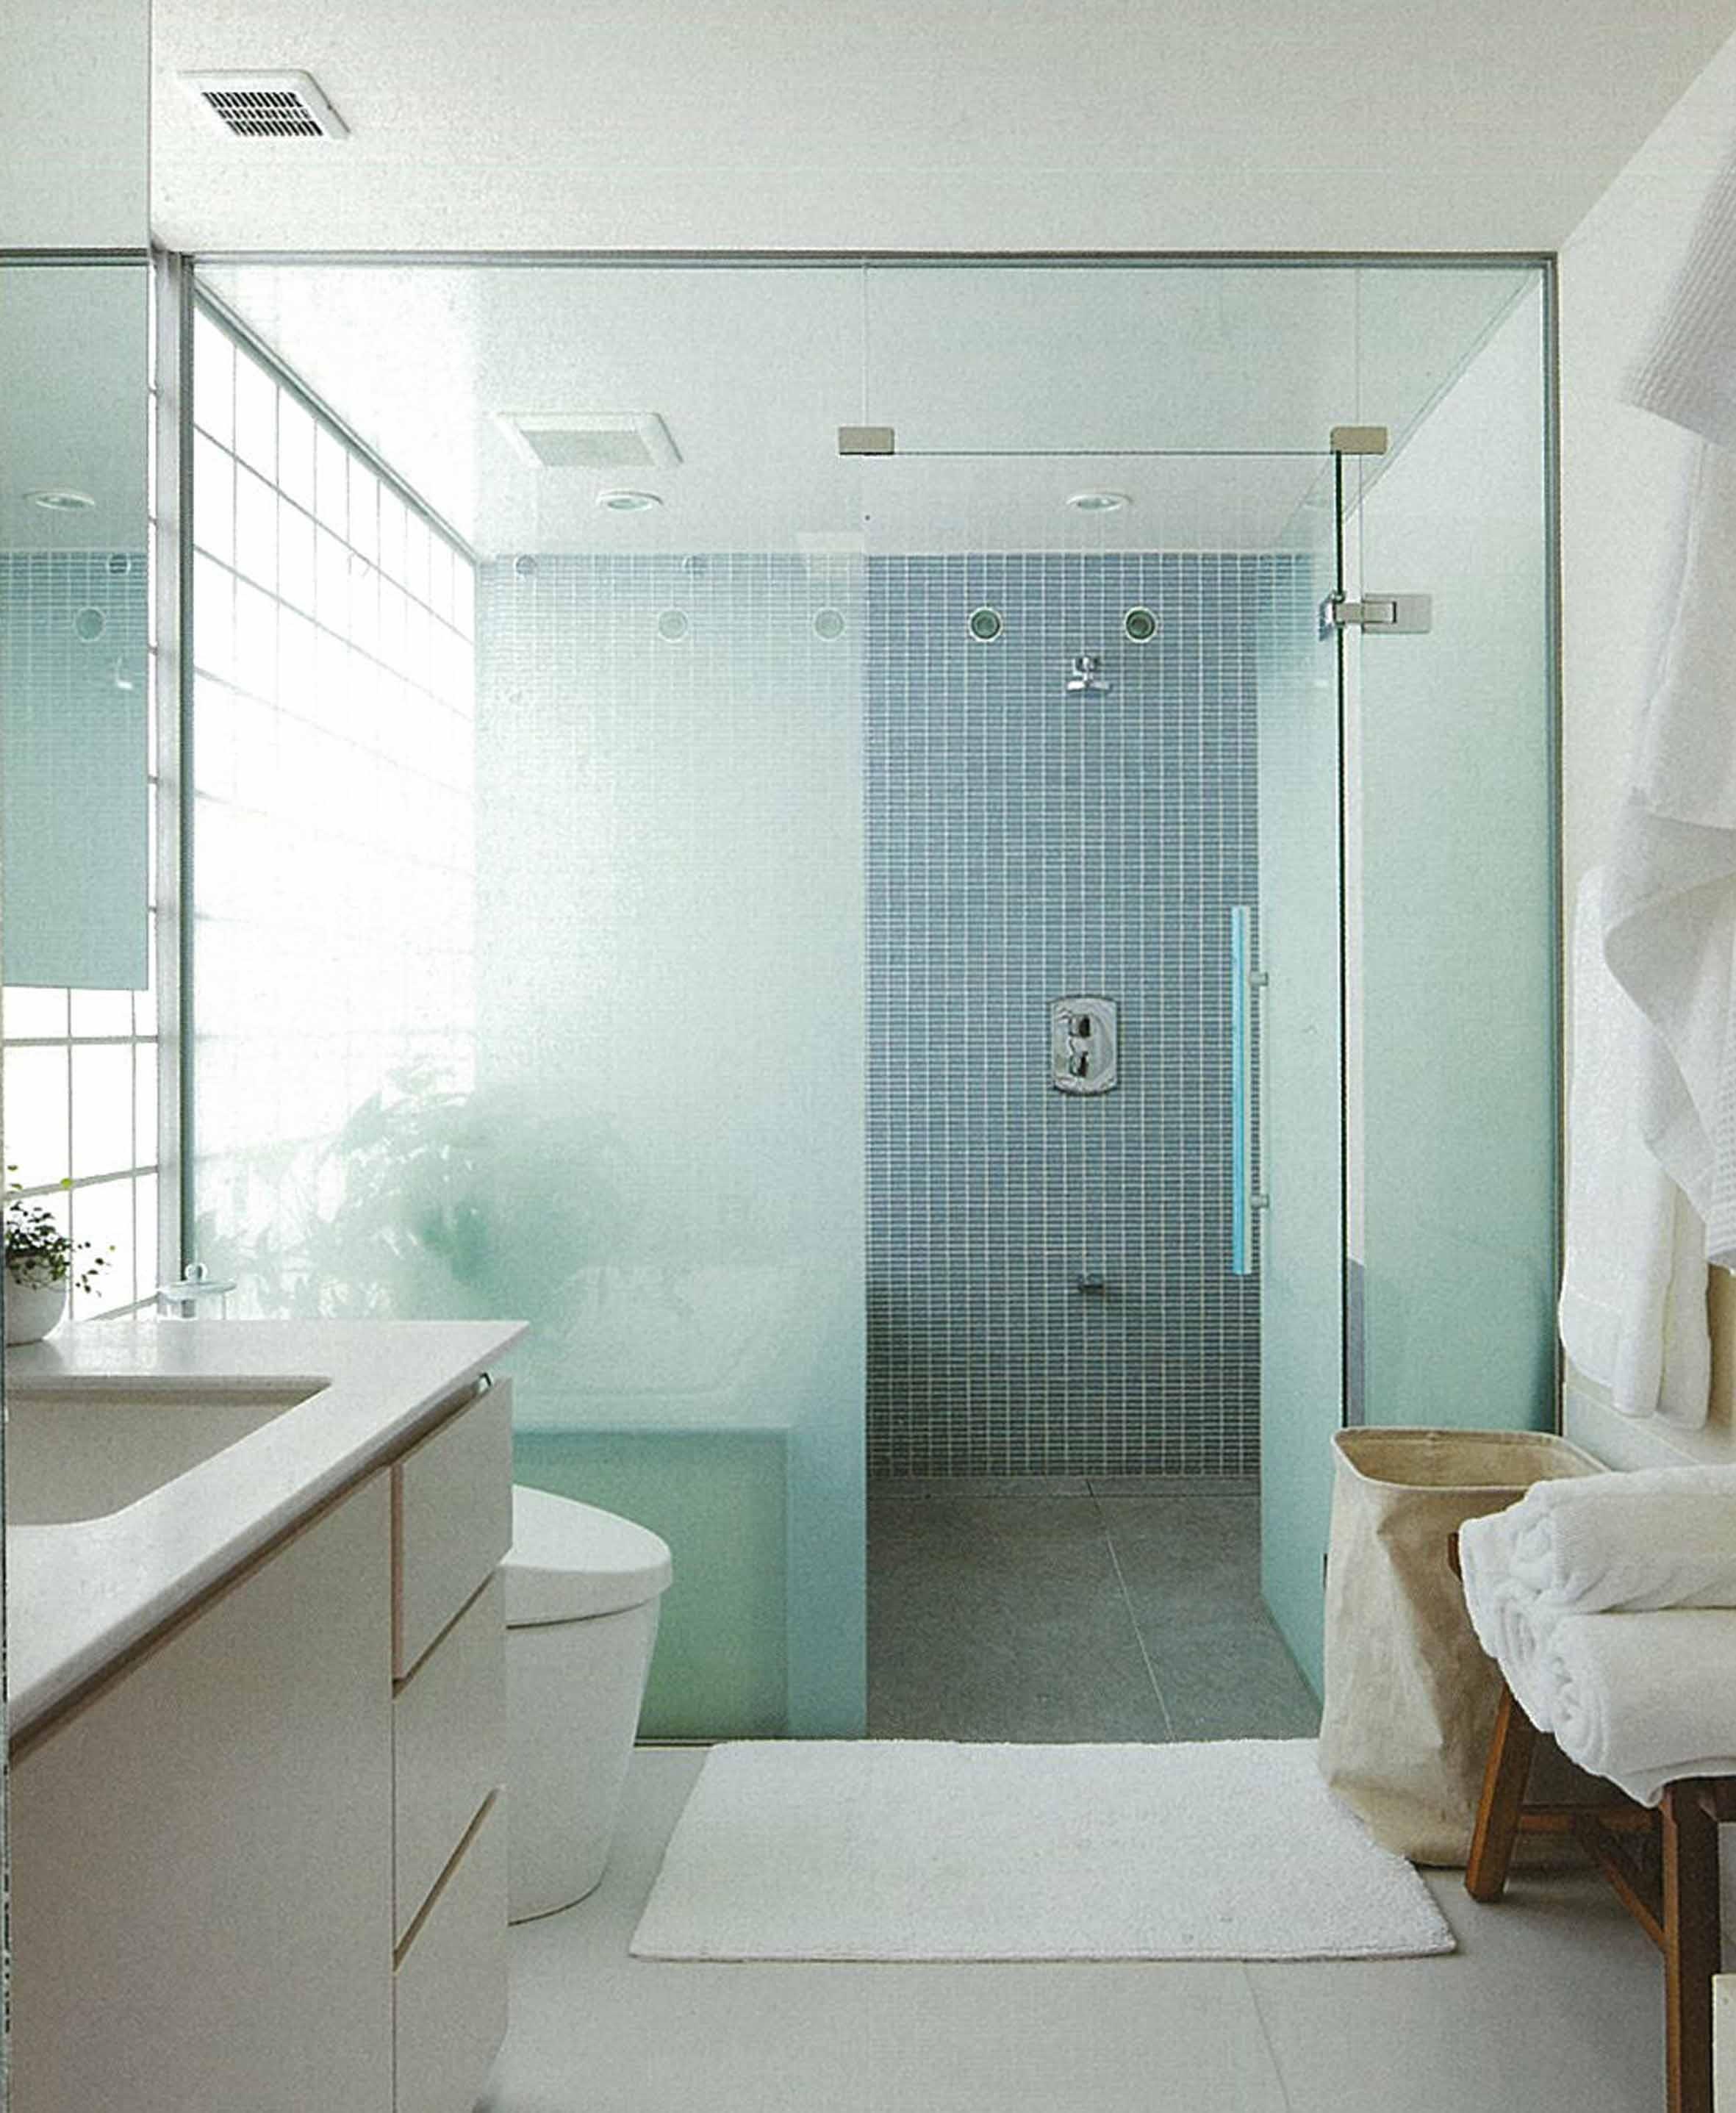 バス/トイレ事例:広尾の住まい浴室(典雅さを目指した広尾の住まい RCビシャン仕上げの外観 シノワズリのインテリア空間)